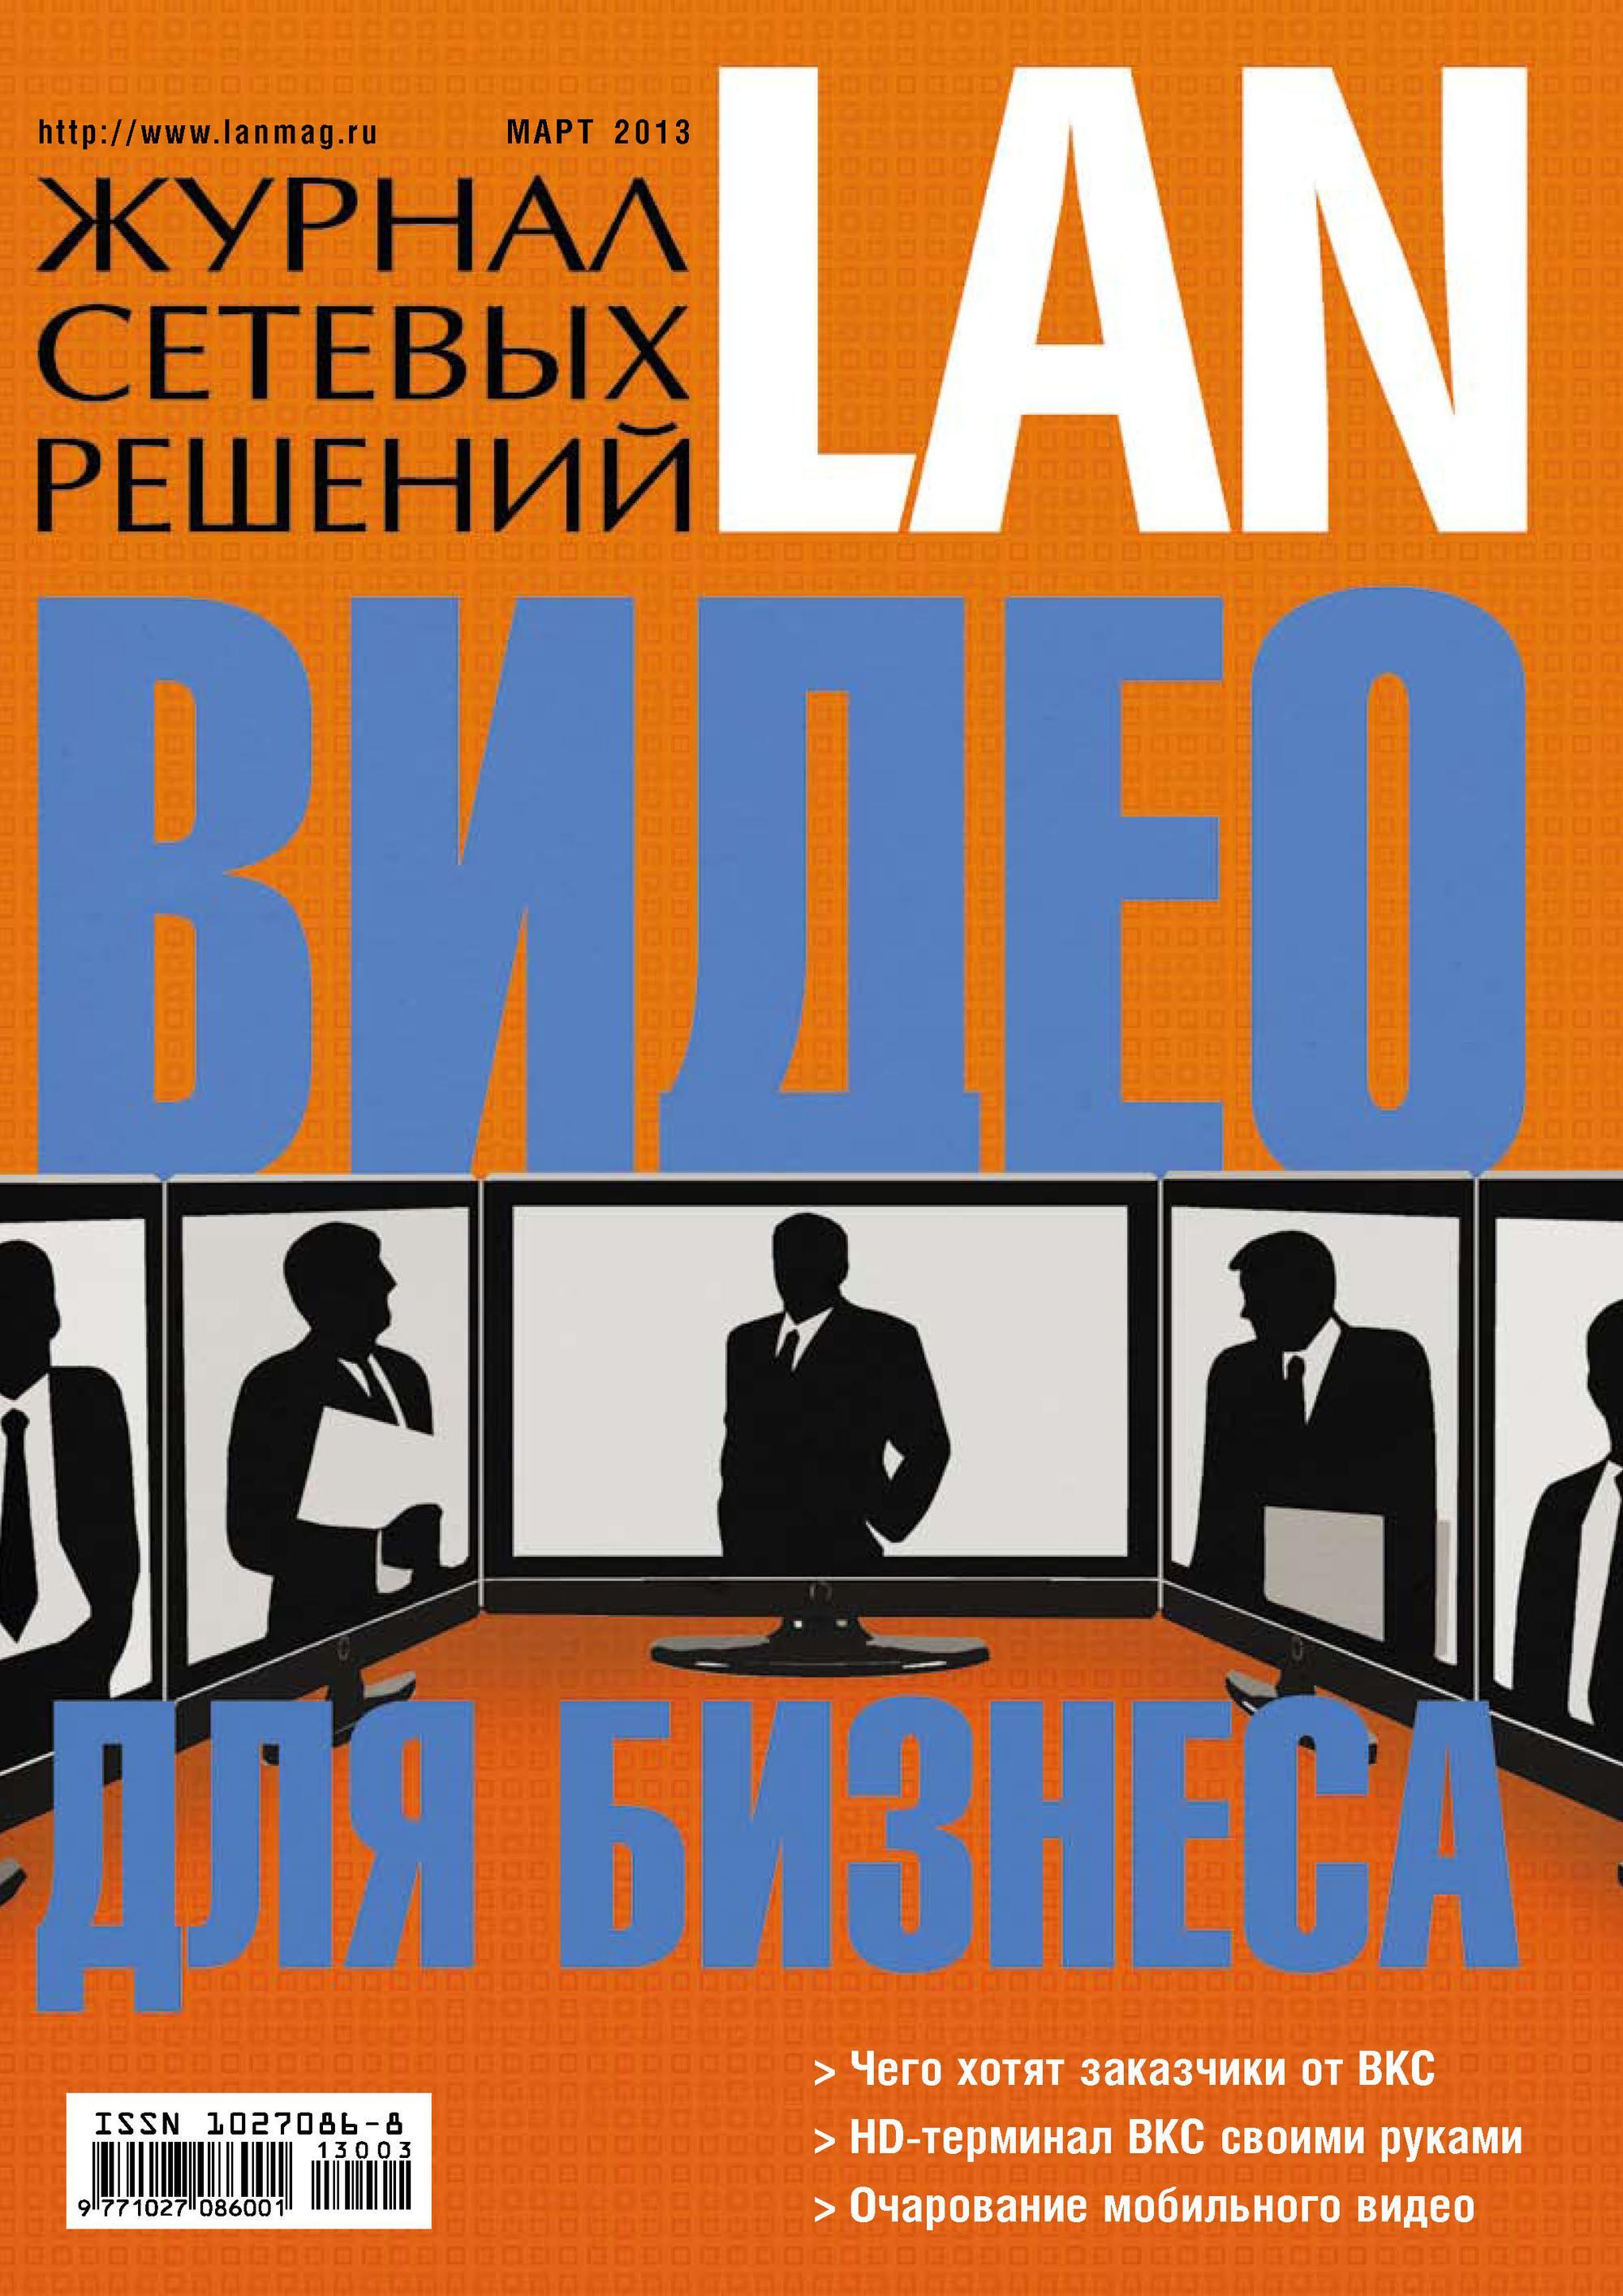 Фото - Открытые системы Журнал сетевых решений / LAN №03/2013 видео